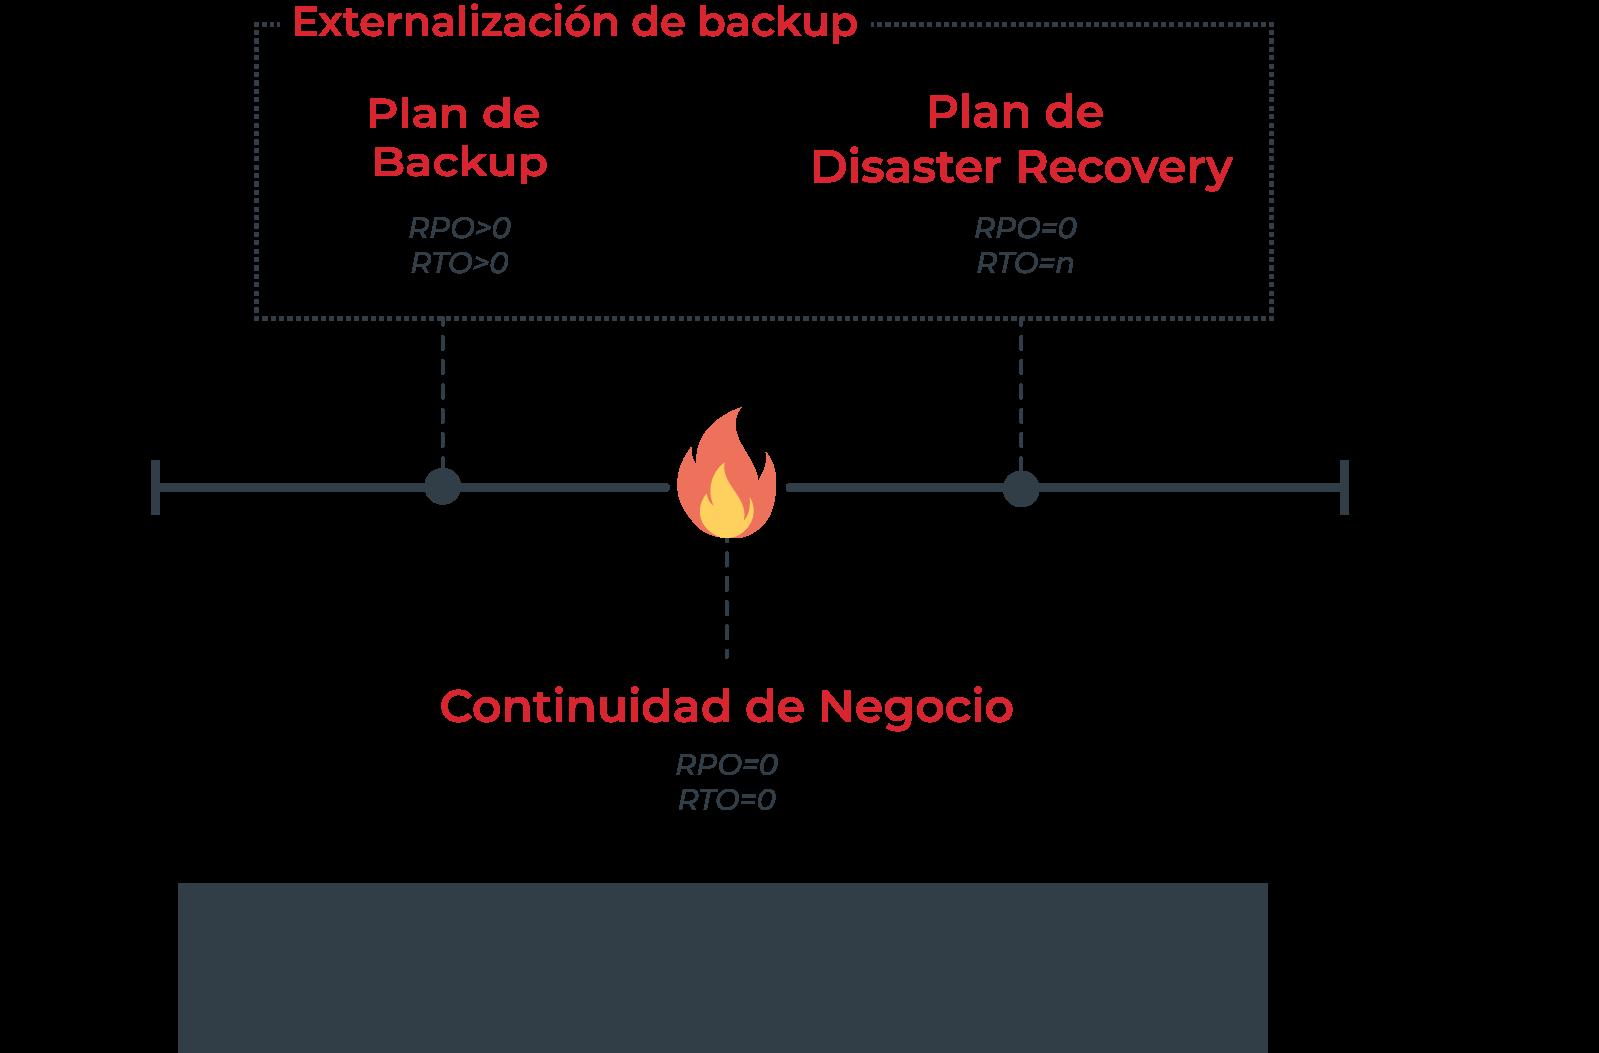 plancontingencia continuidadnegocio - Plan de Continuidad de Negocio